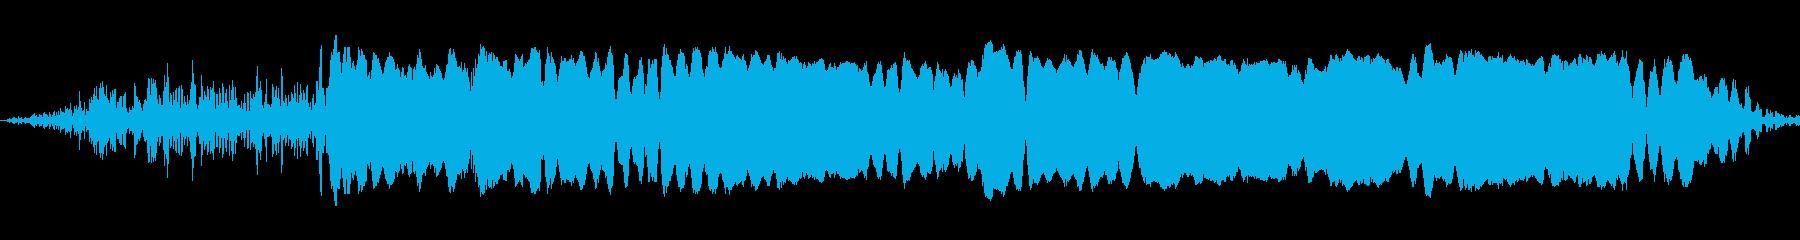 雌、雌の再生済みの波形